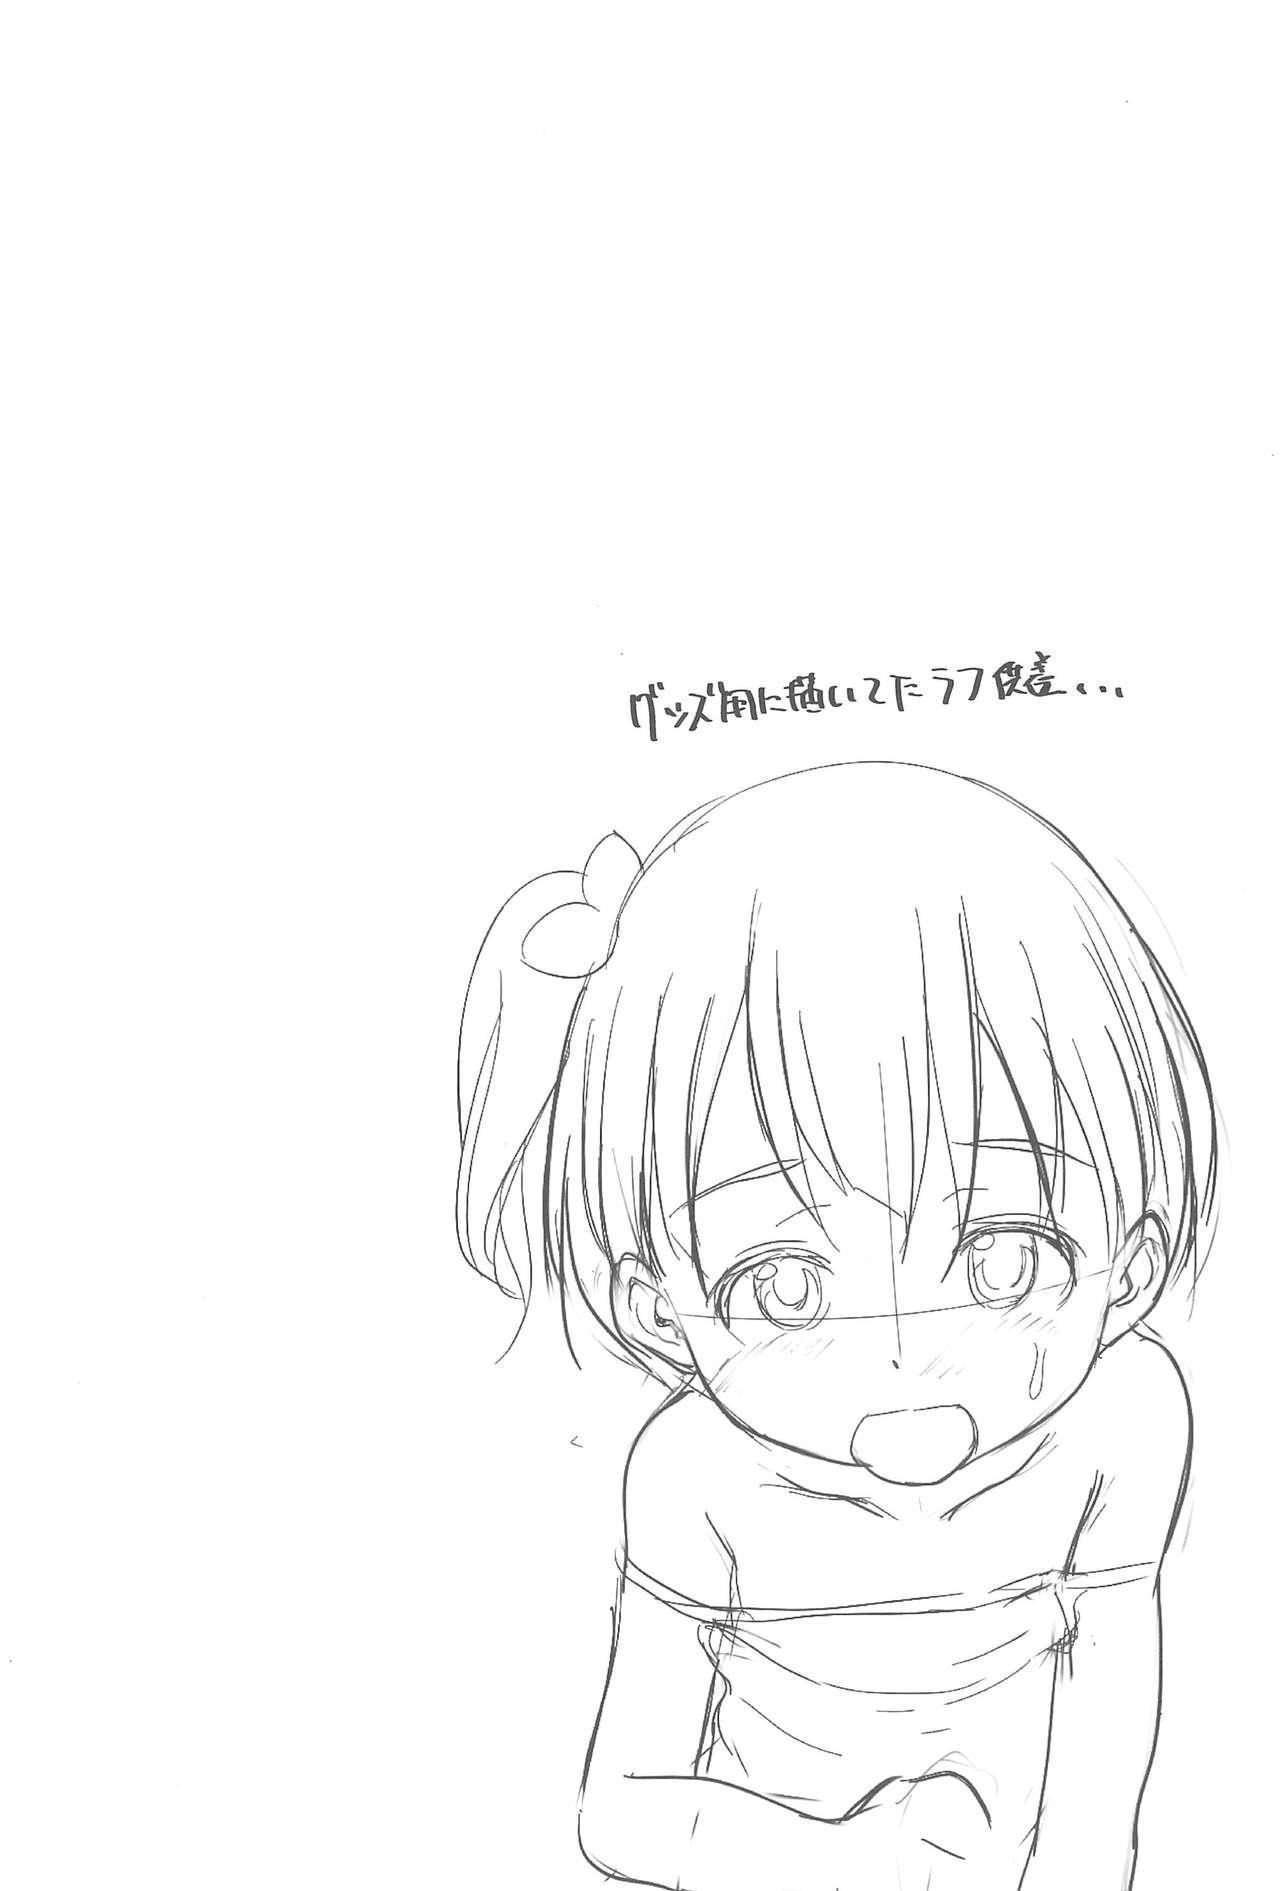 Imouto wa Minna Onii-chan ga Suki! 5 29